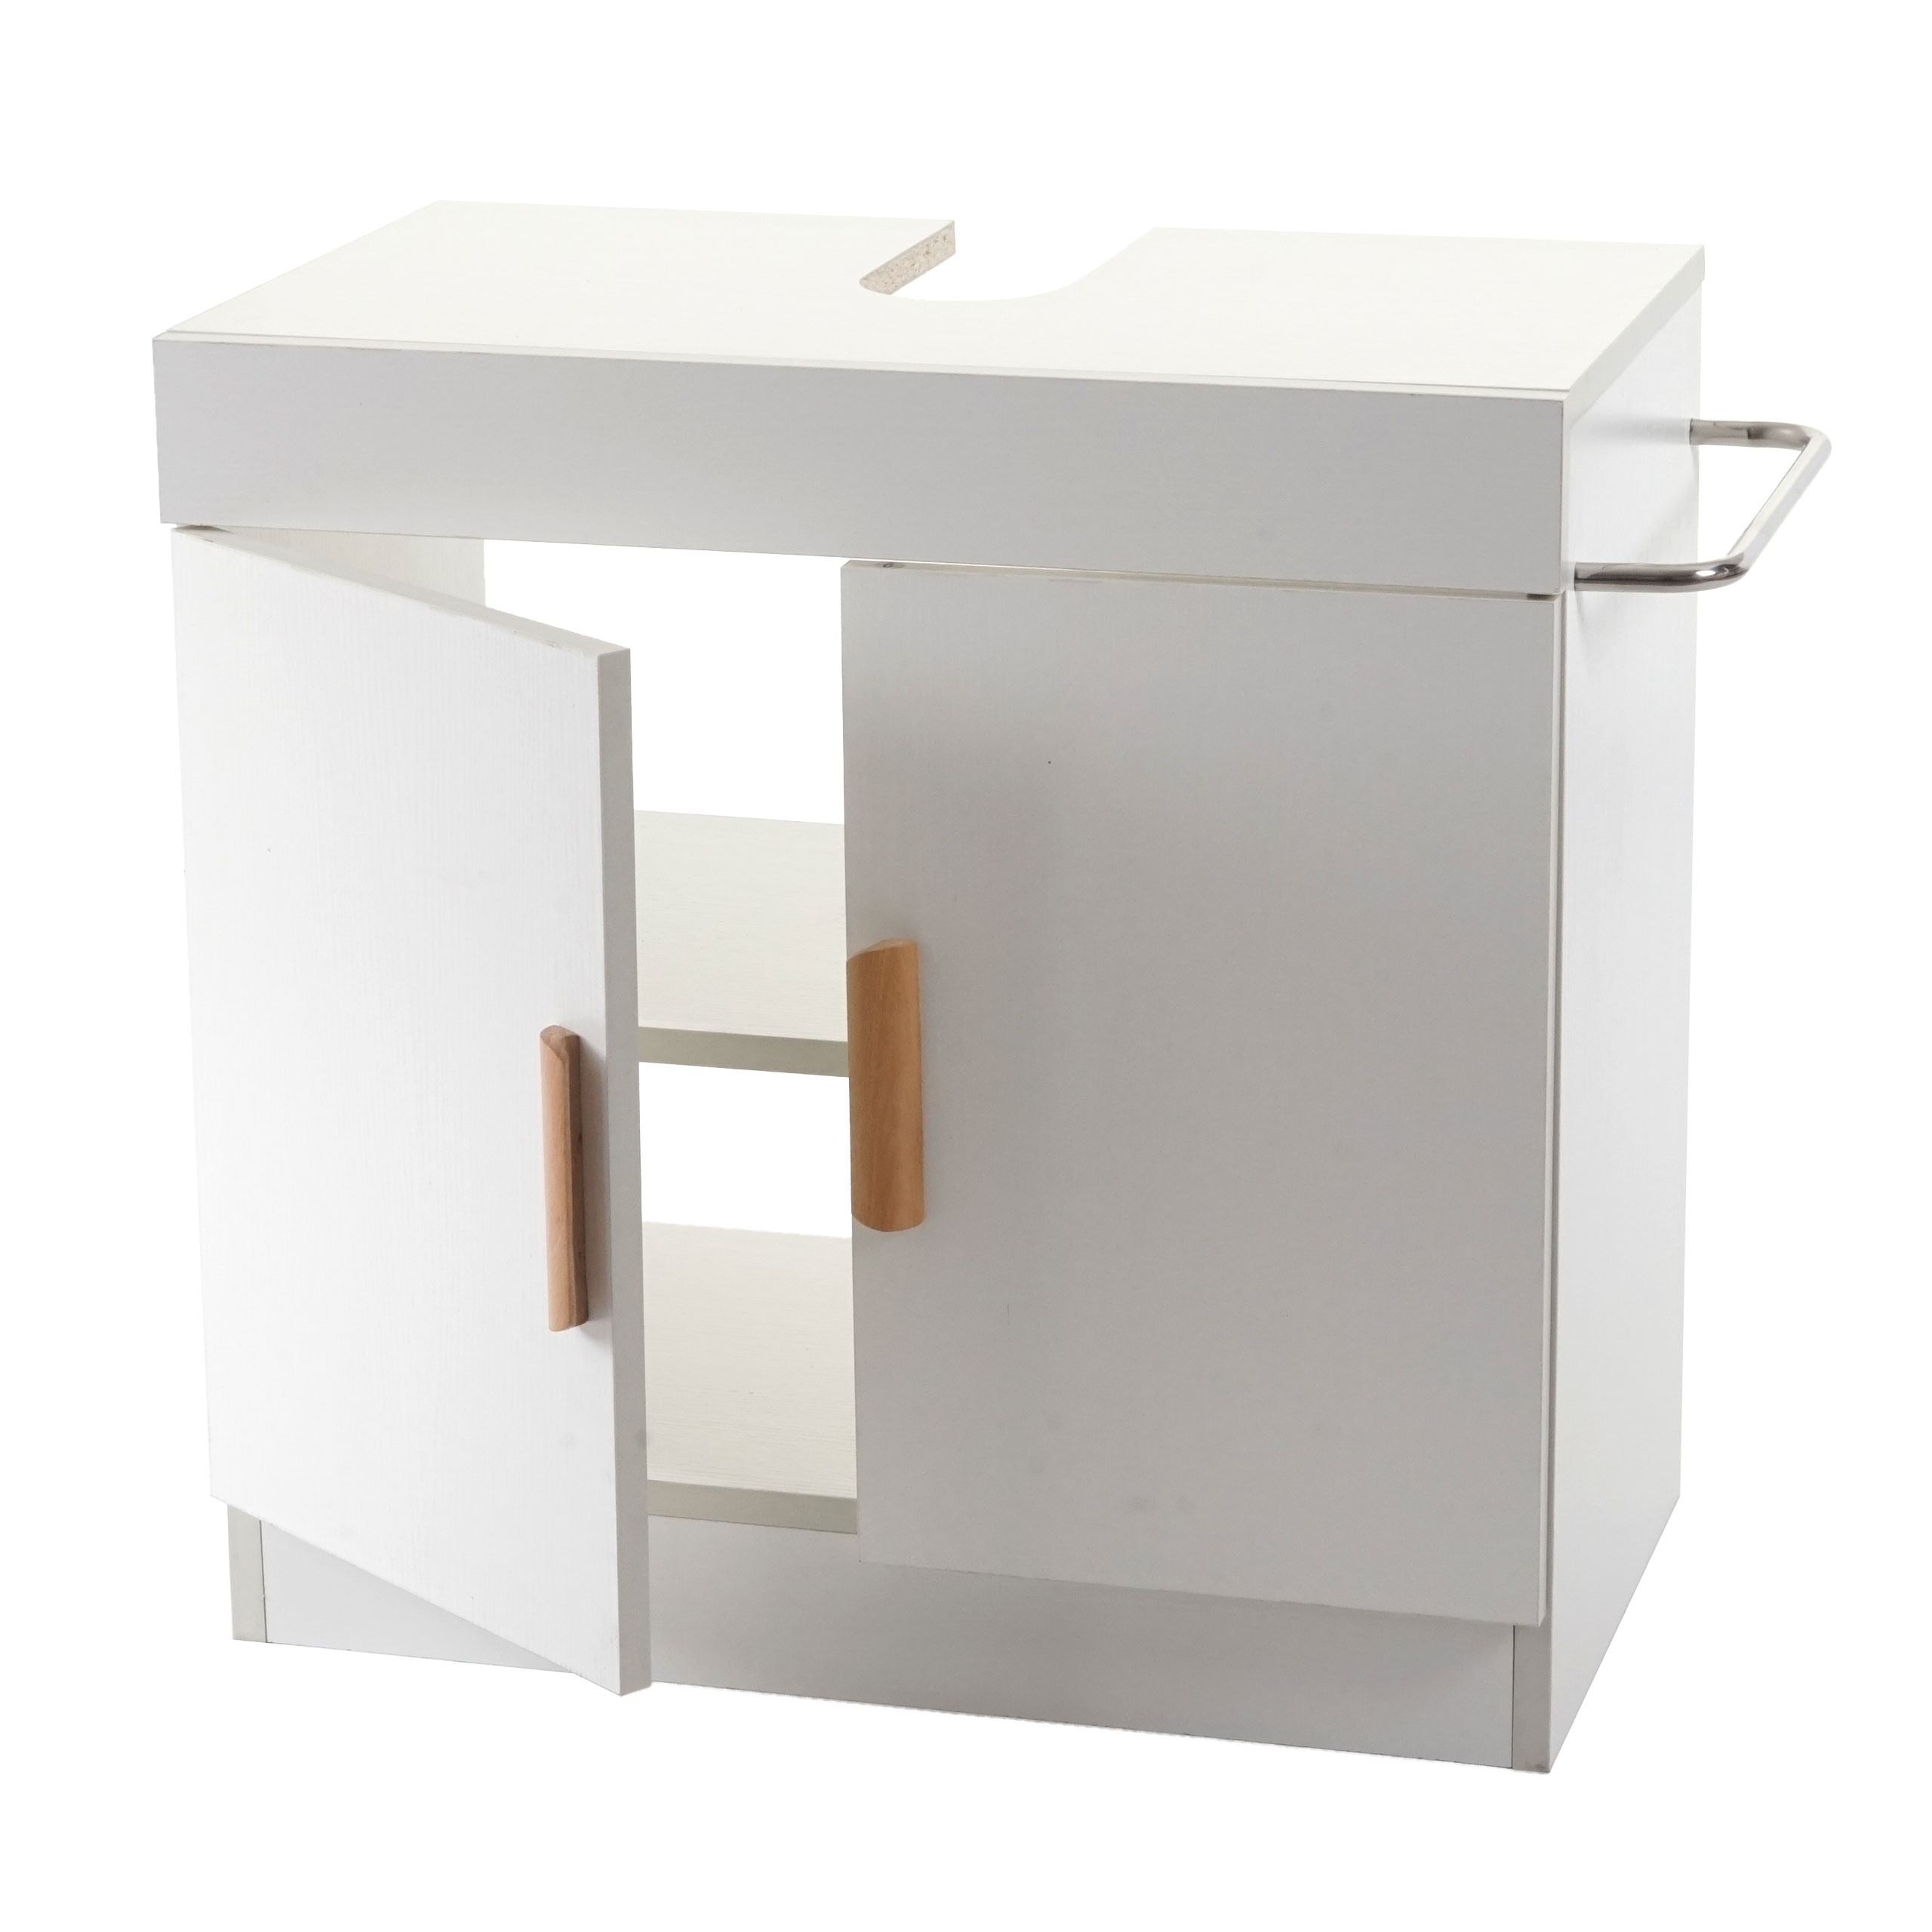 Waschbeckenunterschrank Hwc D55 Badschrank Mit Staufach Badezimmer